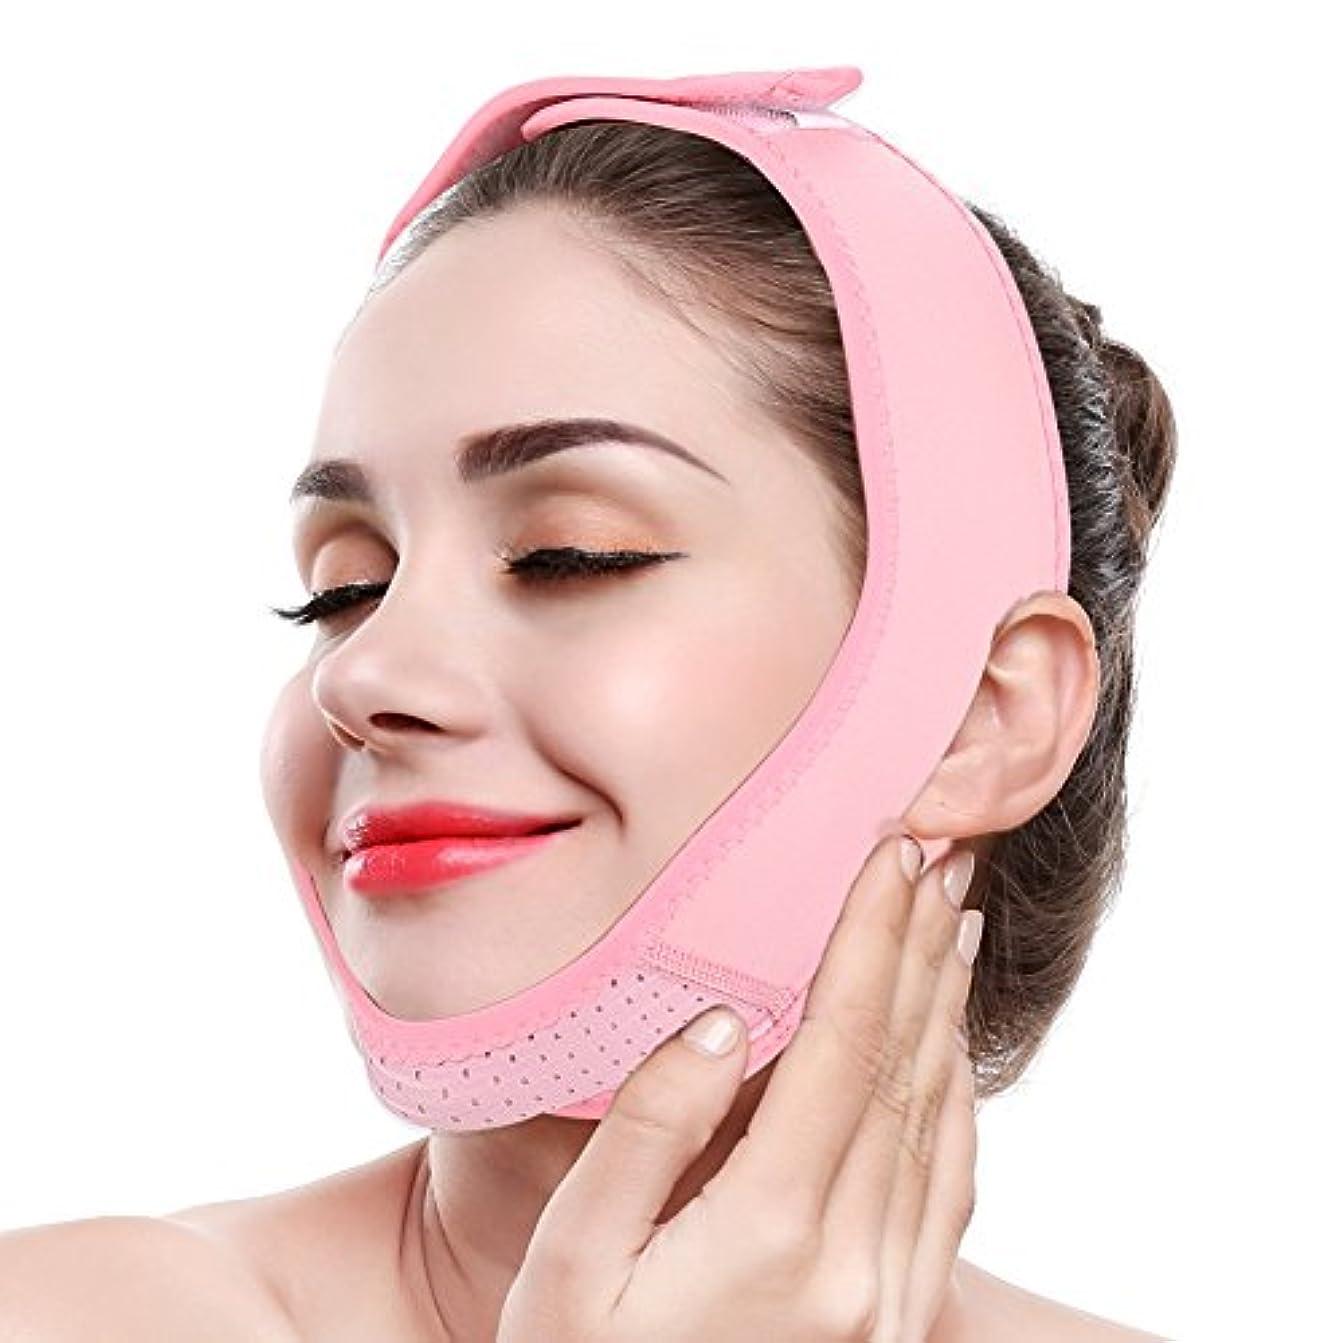 穴拮抗びっくりしたFacial Lifting Slimming Belt, V Line Mask Neck Compression Double Chin Strap Weight Loss Belts Skin Care Chin...